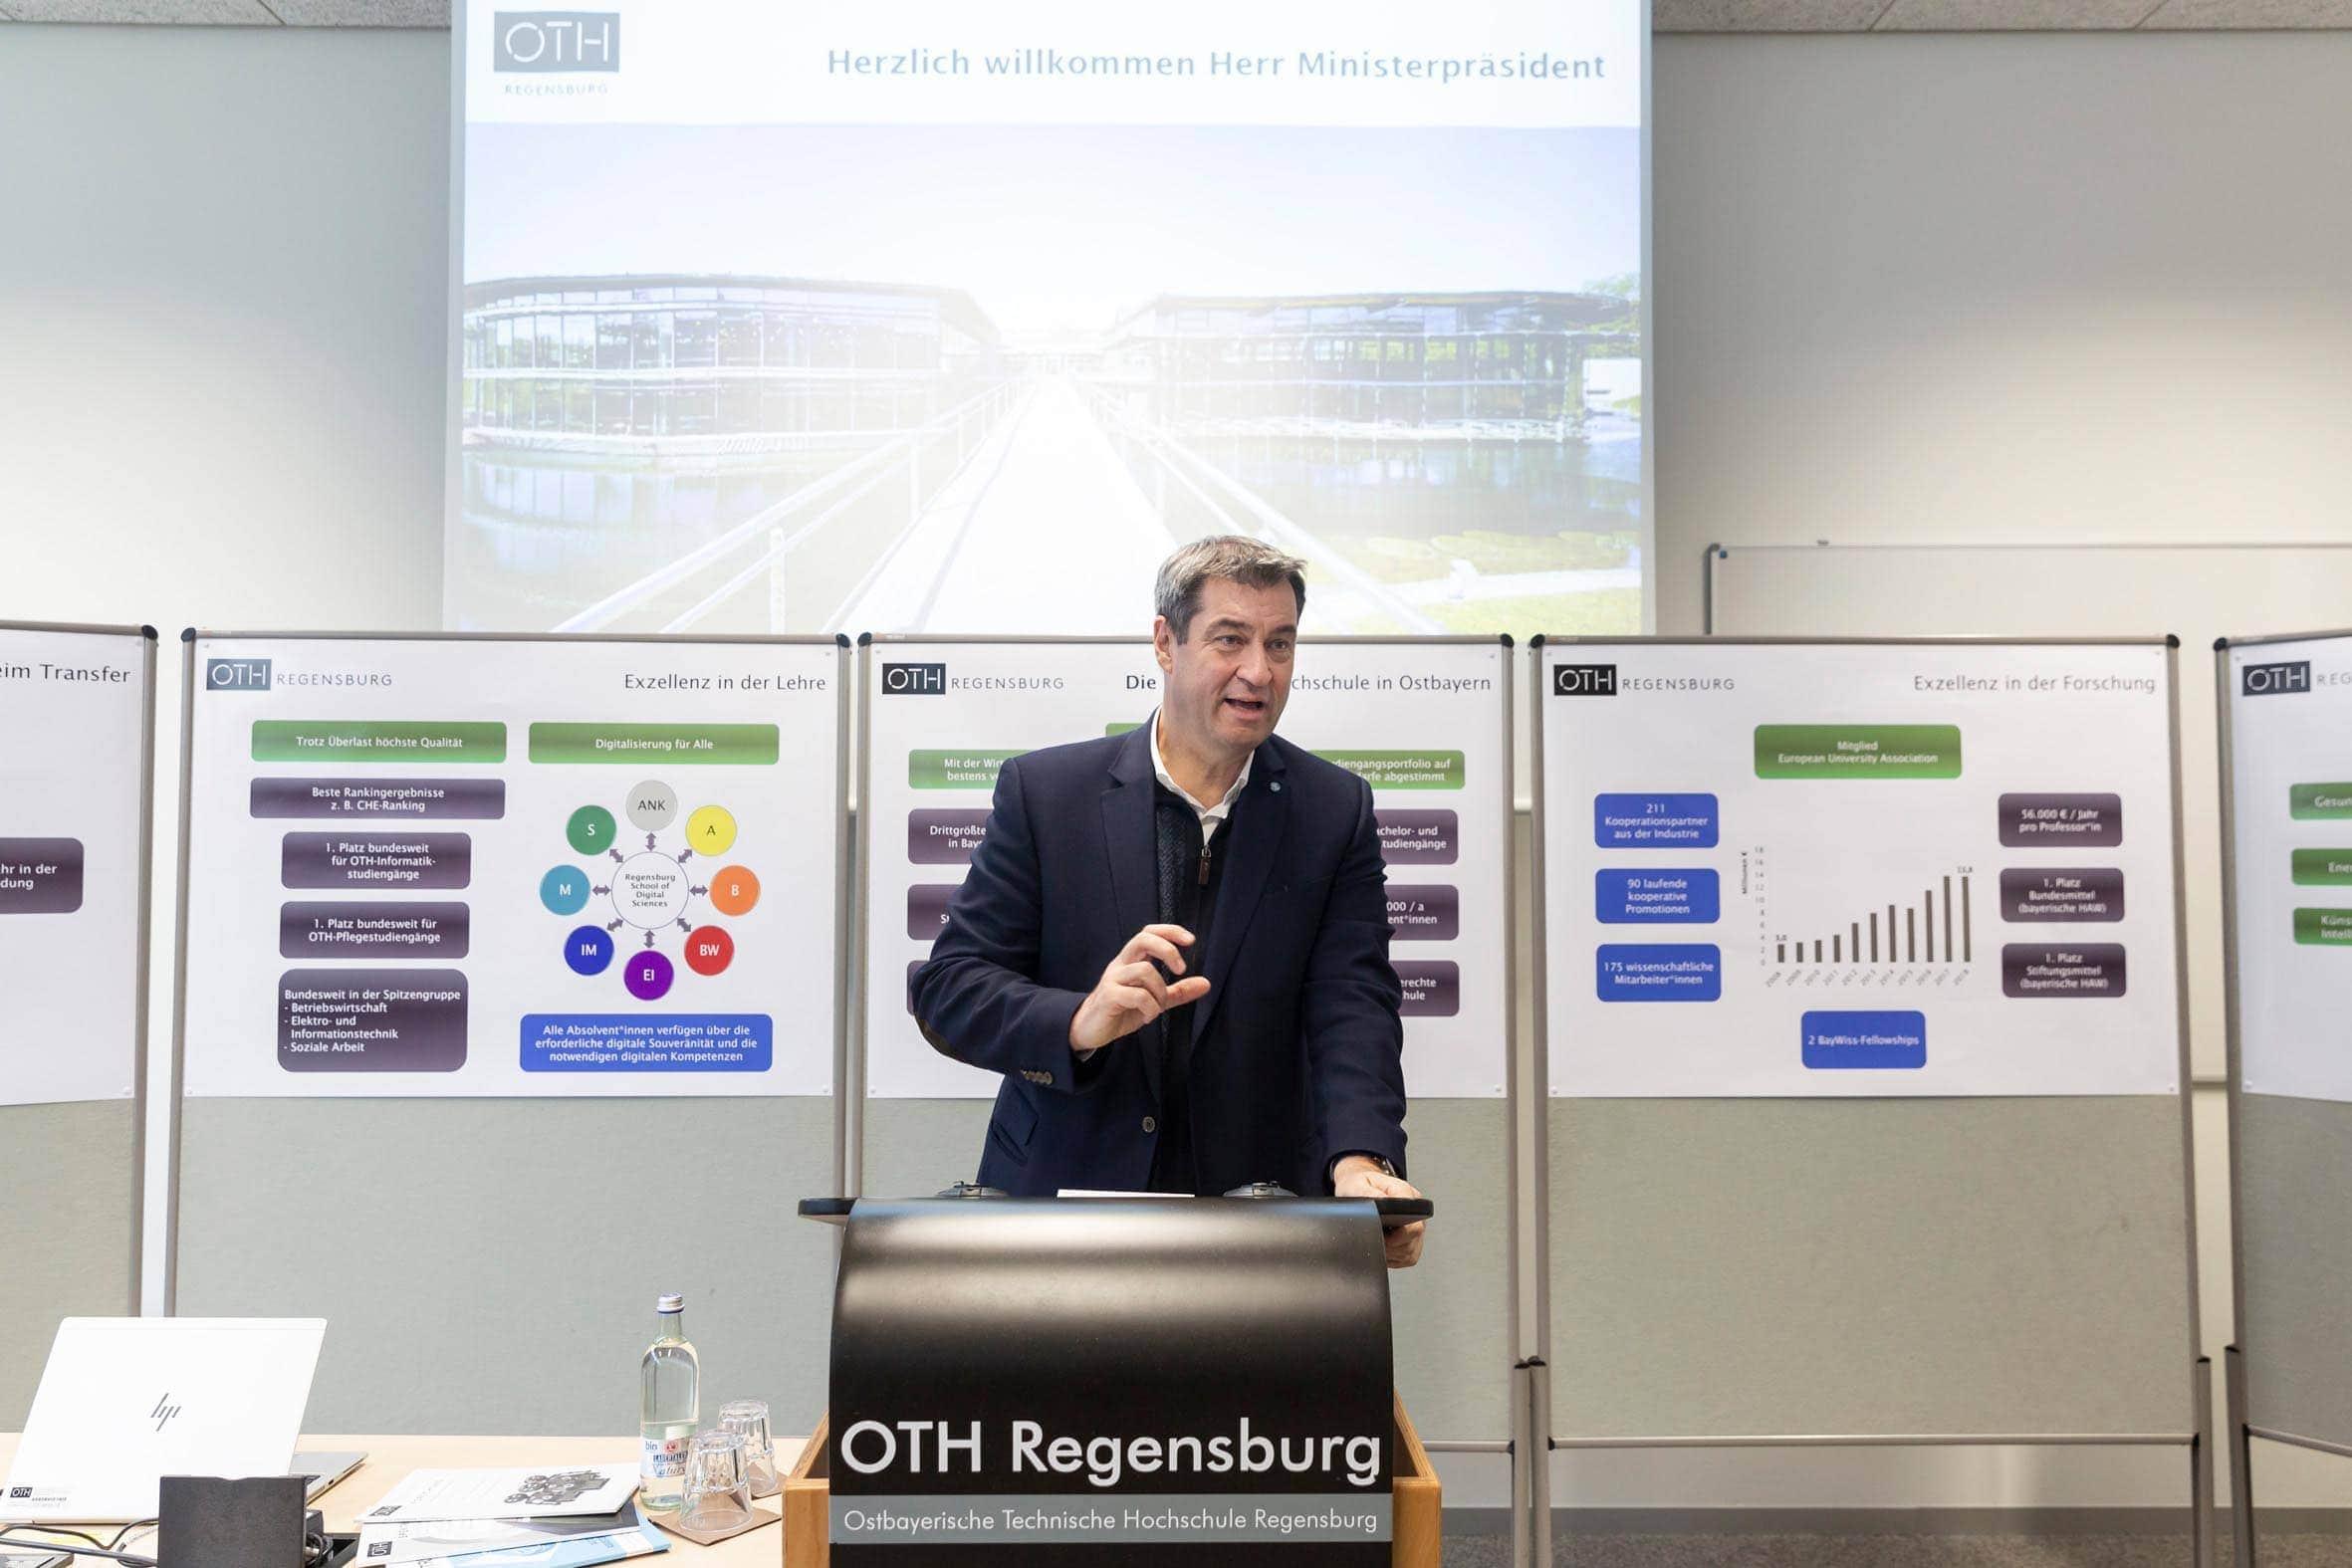 Geldsegen für Regensburger  Hochschulen Dr. Markus Söder verspricht zusätzliche Stellen und Finanzmittel